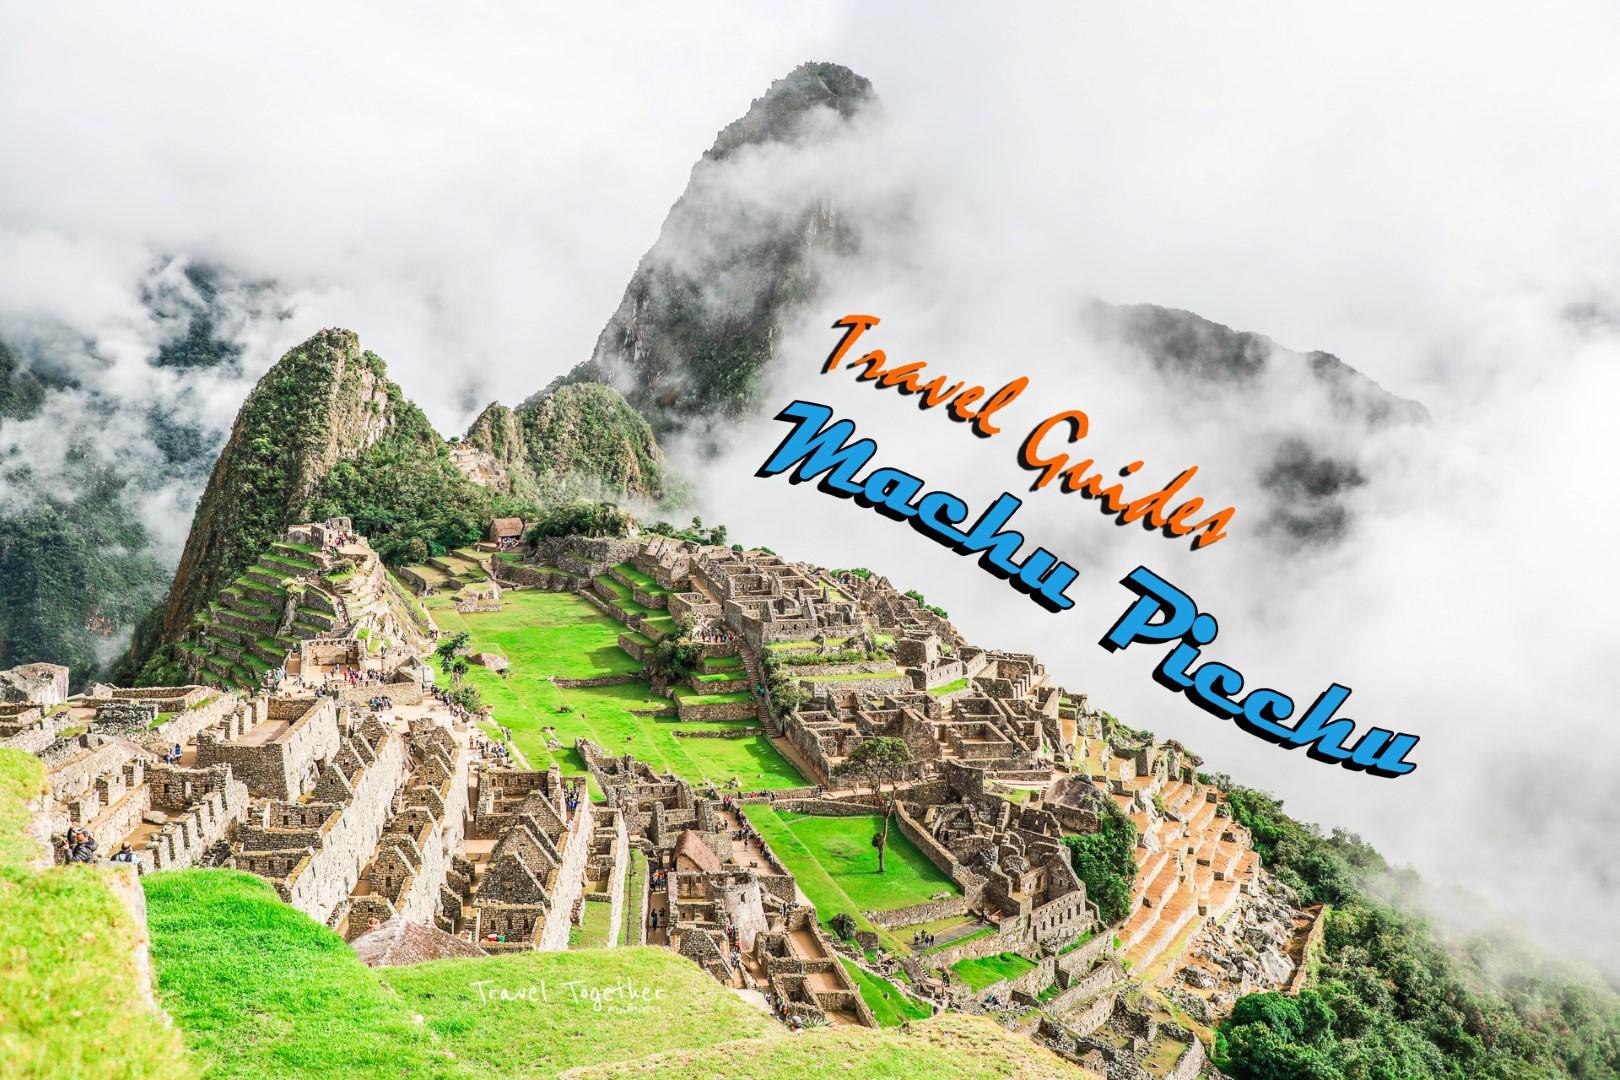 Machu Picchu เตรียมตัวยังไง เตรียมพร้อมเอาไว้ก่อนออกเดินทาง